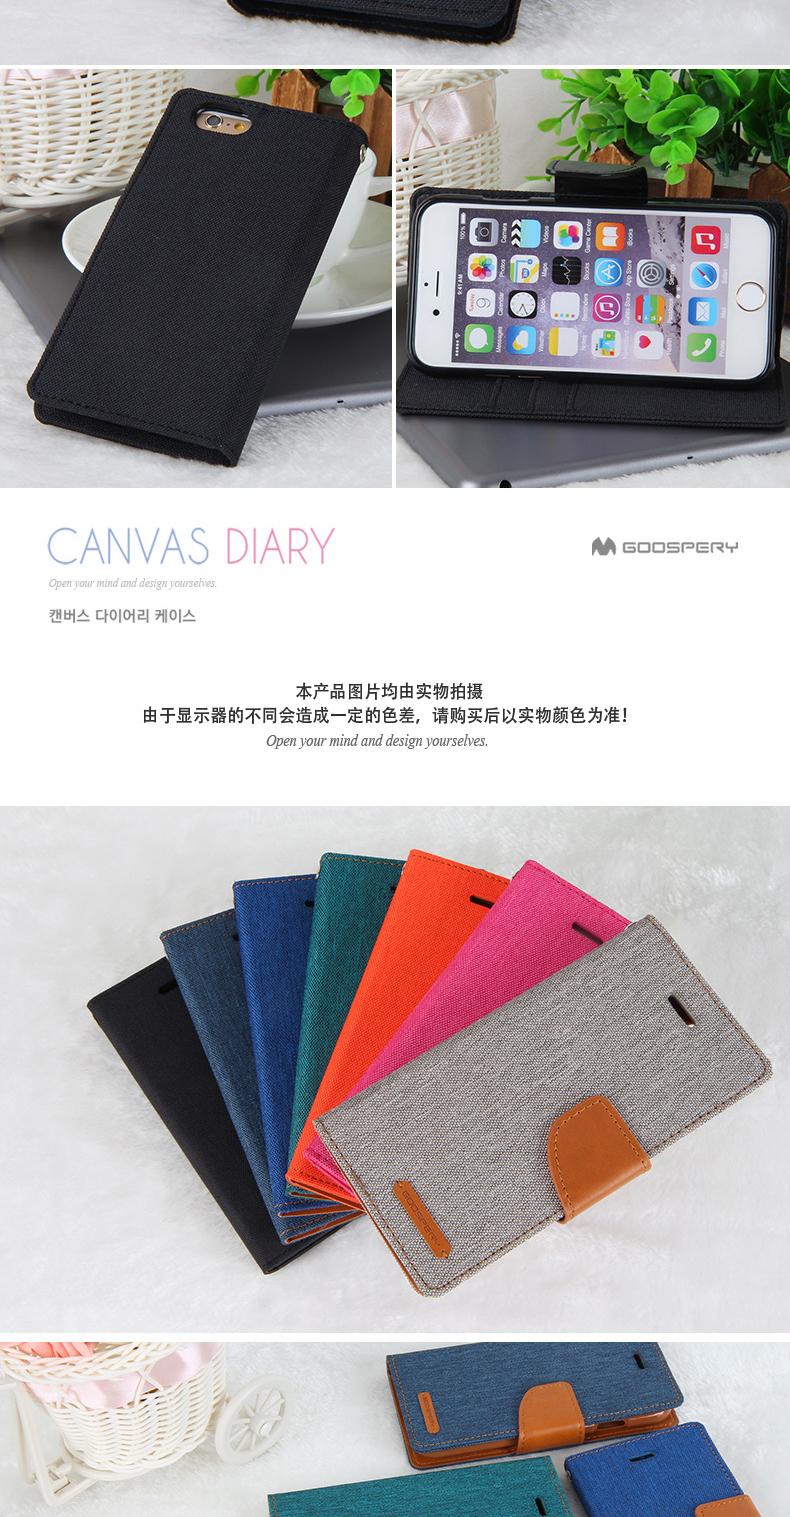 Buy Mercury Goospery Canvas Diary Flip Wallet Samsung Galaxy J3 2016 Case Navy Product Description